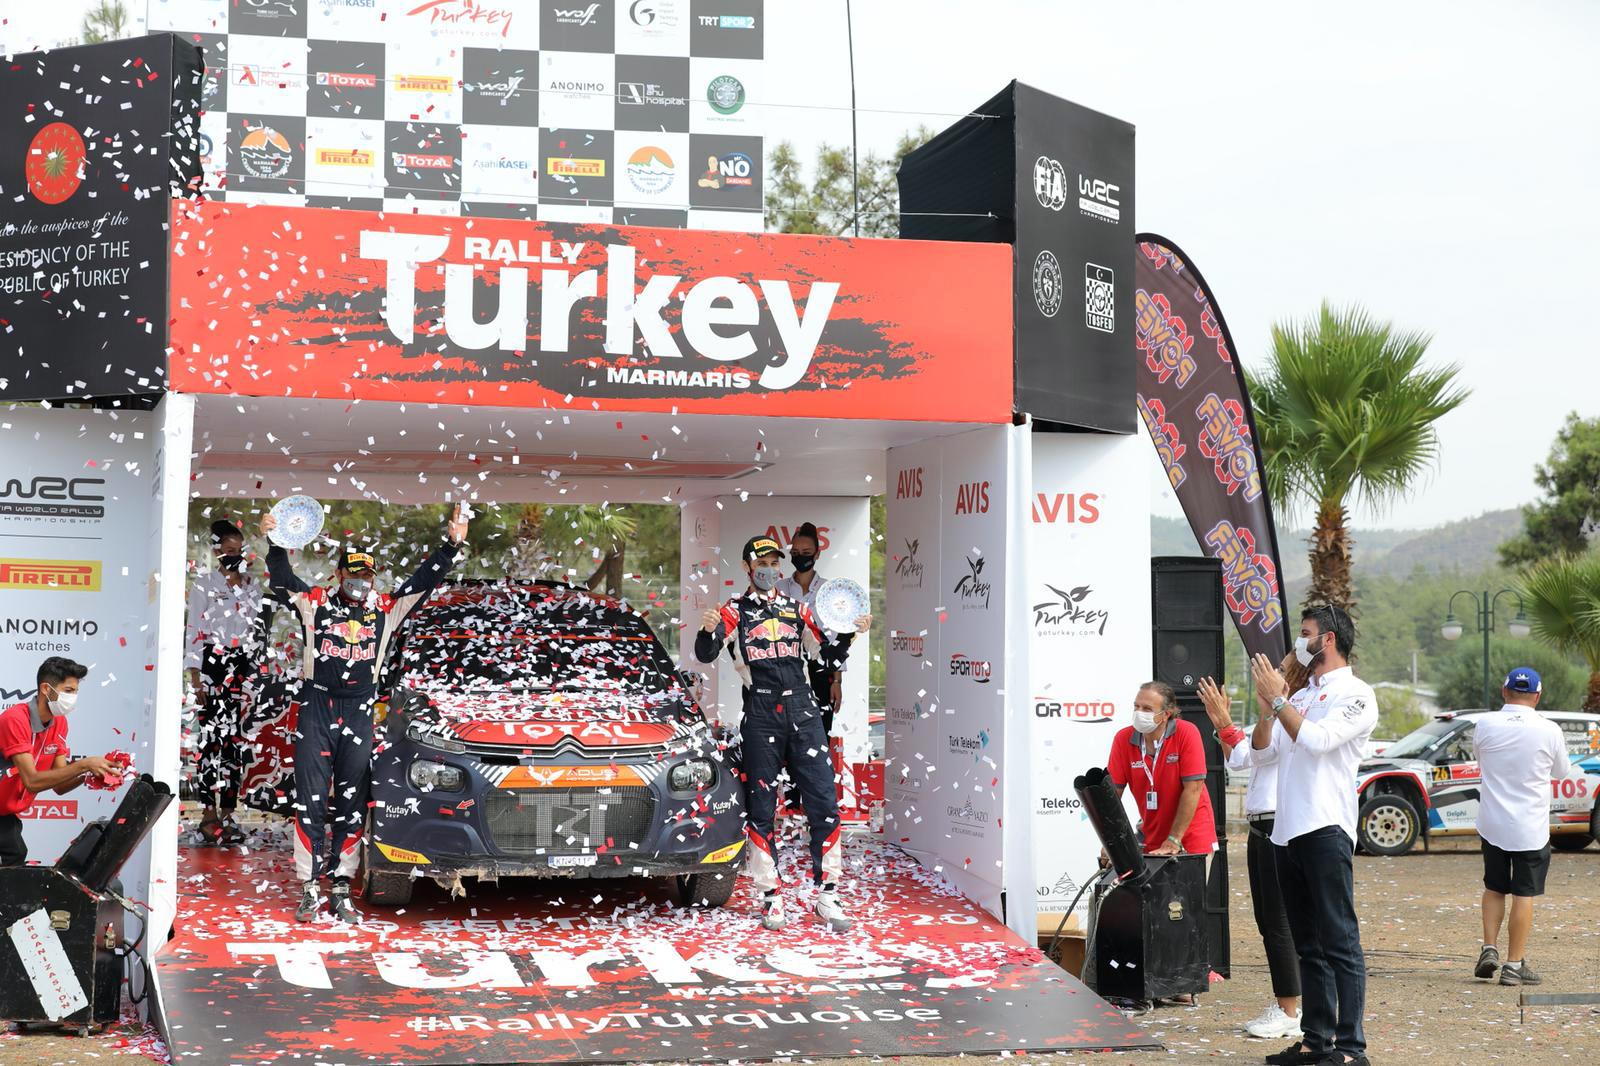 Kazanan Türkiye!